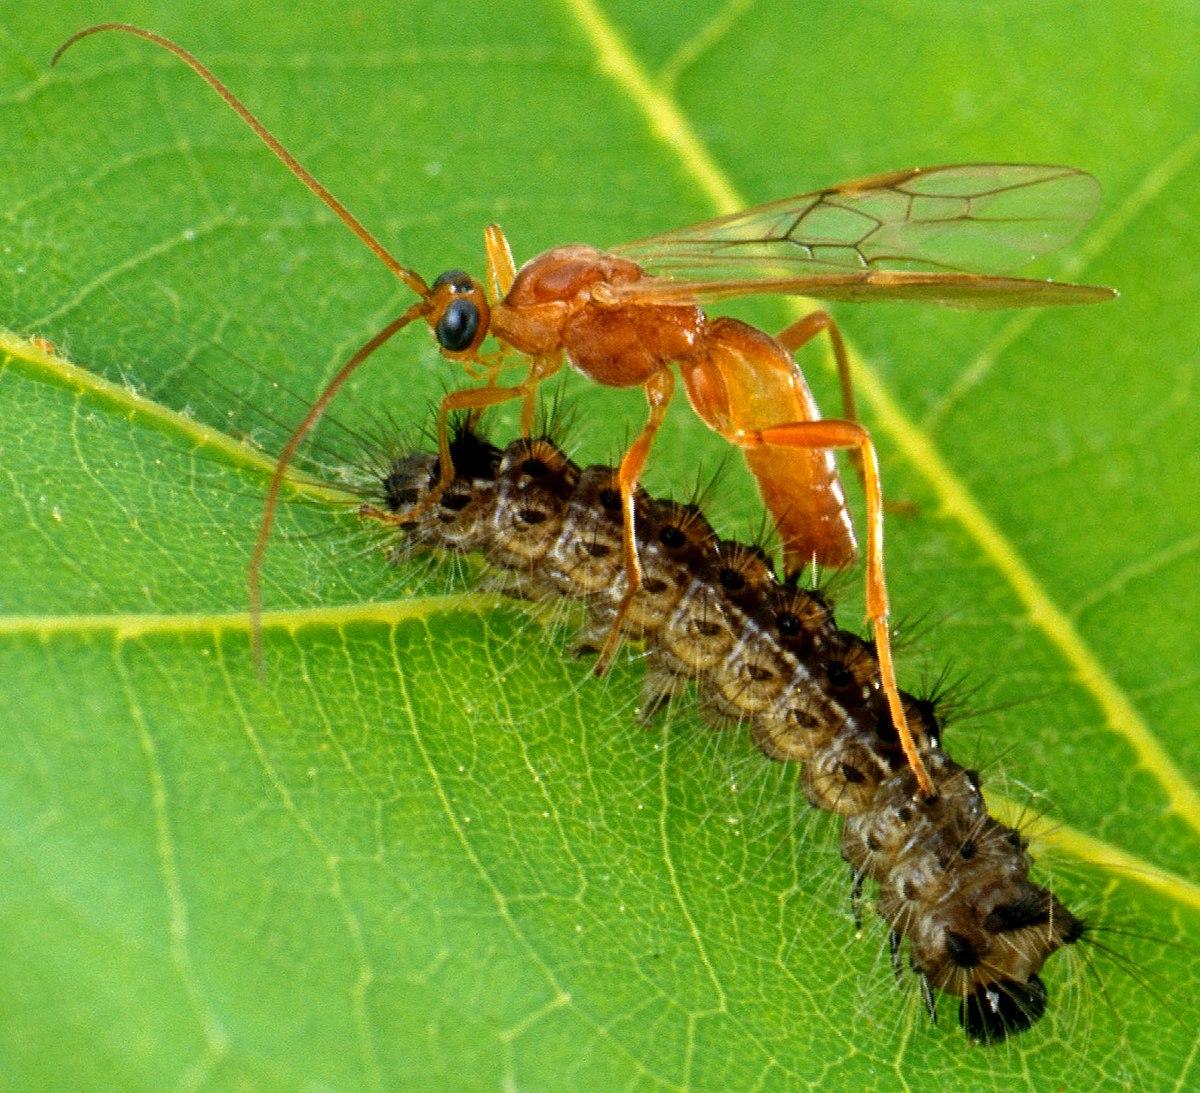 parazitoidok és paraziták közötti különbség Honnan jöttek a szemölcsök?